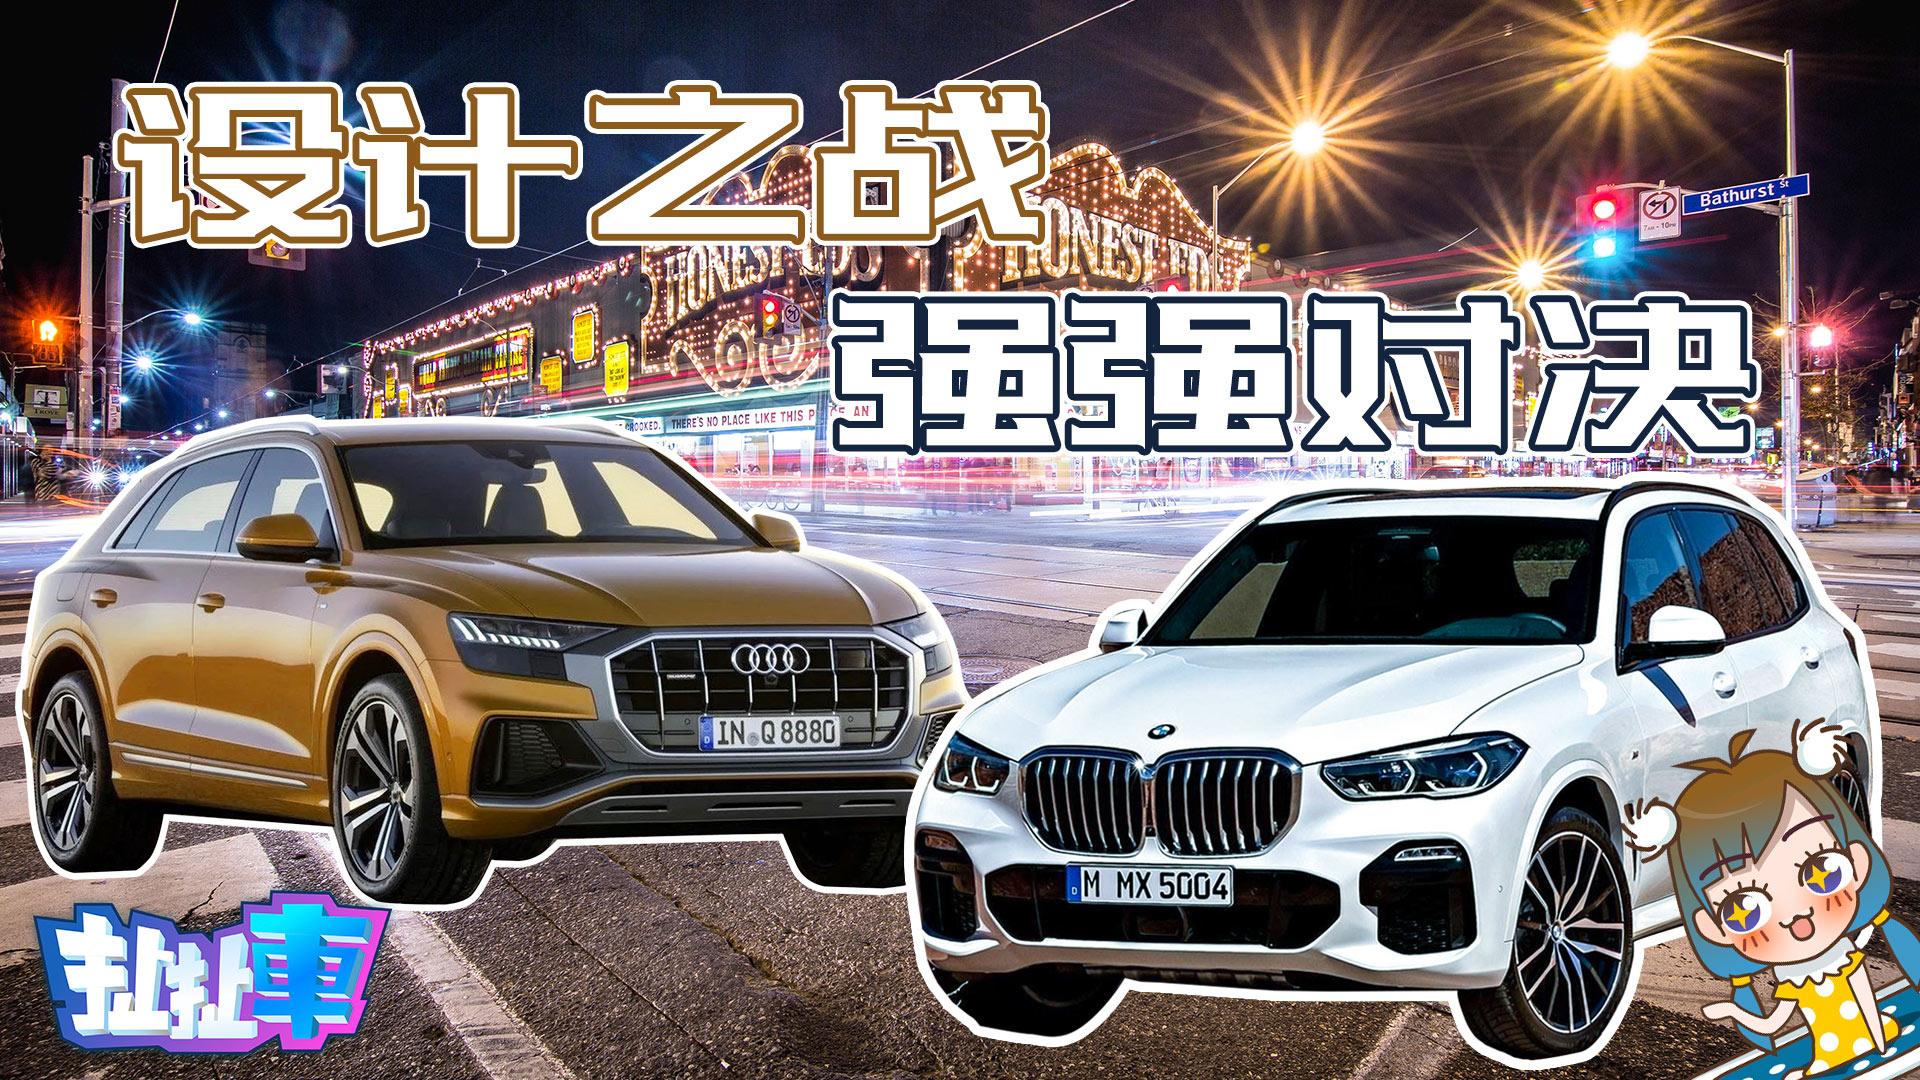 【扯扯车】奥迪发布首款轿跑SUV 宝马不服用换代X5回击